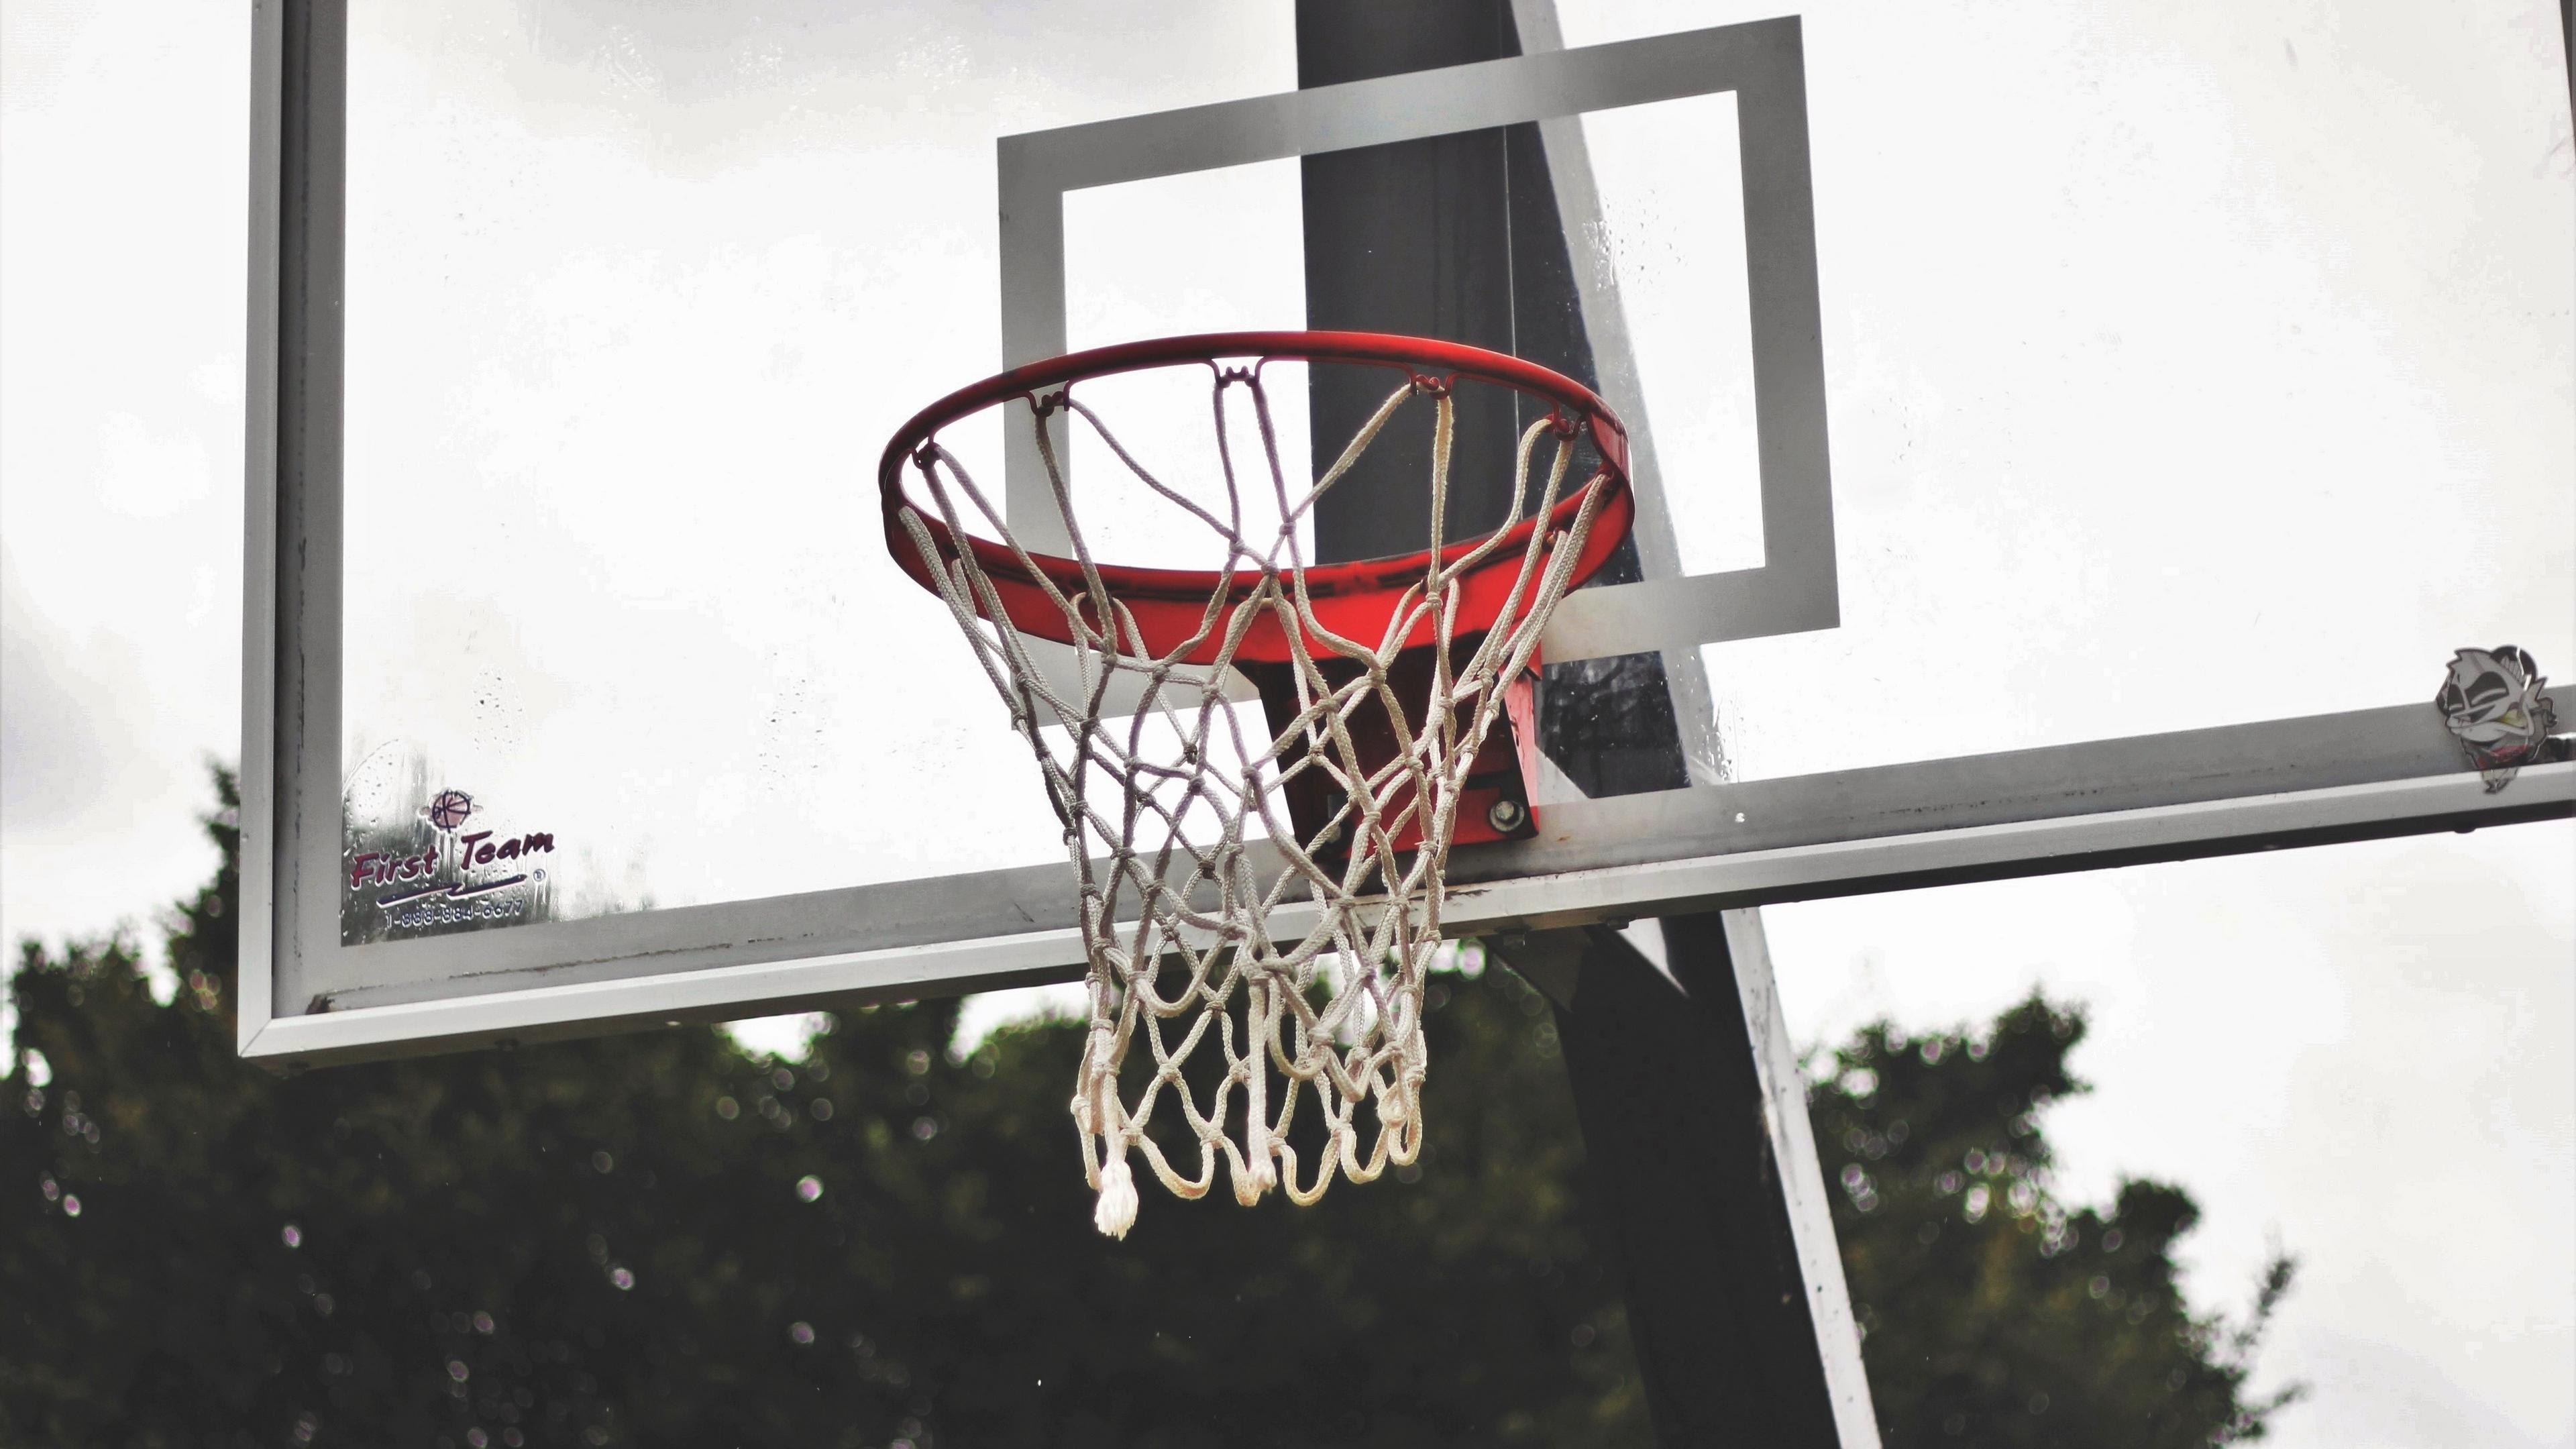 basketball shield basketball mesh 4k 1540062652 - basketball shield, basketball, mesh 4k - mesh, basketball shield, Basketball